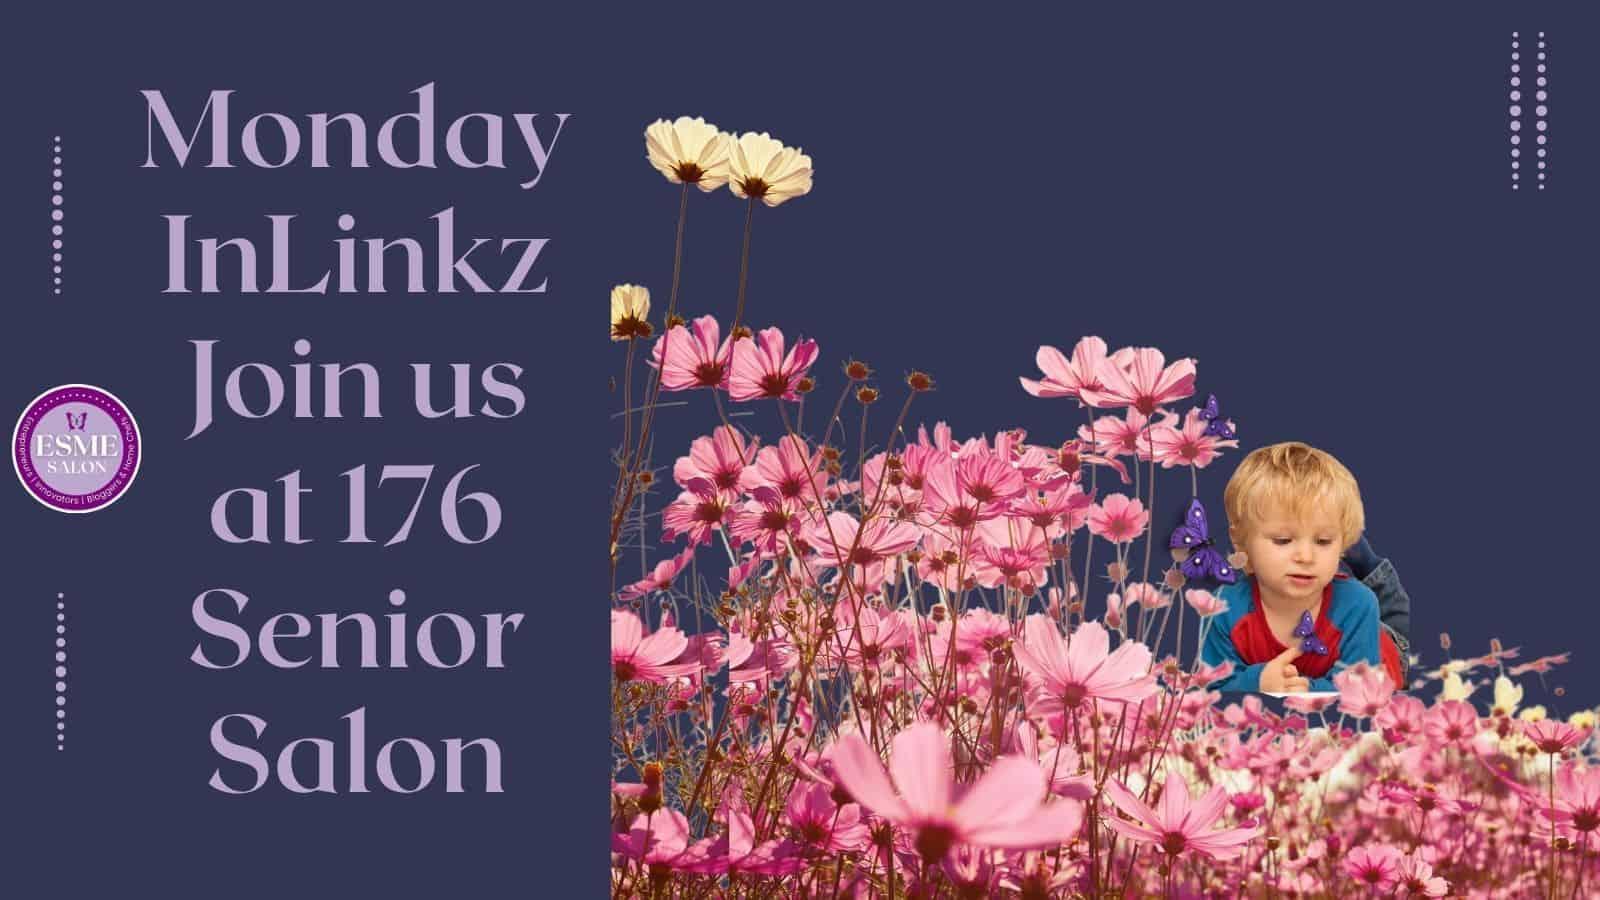 Monday InLinkz Join us at 176 Senior Salon